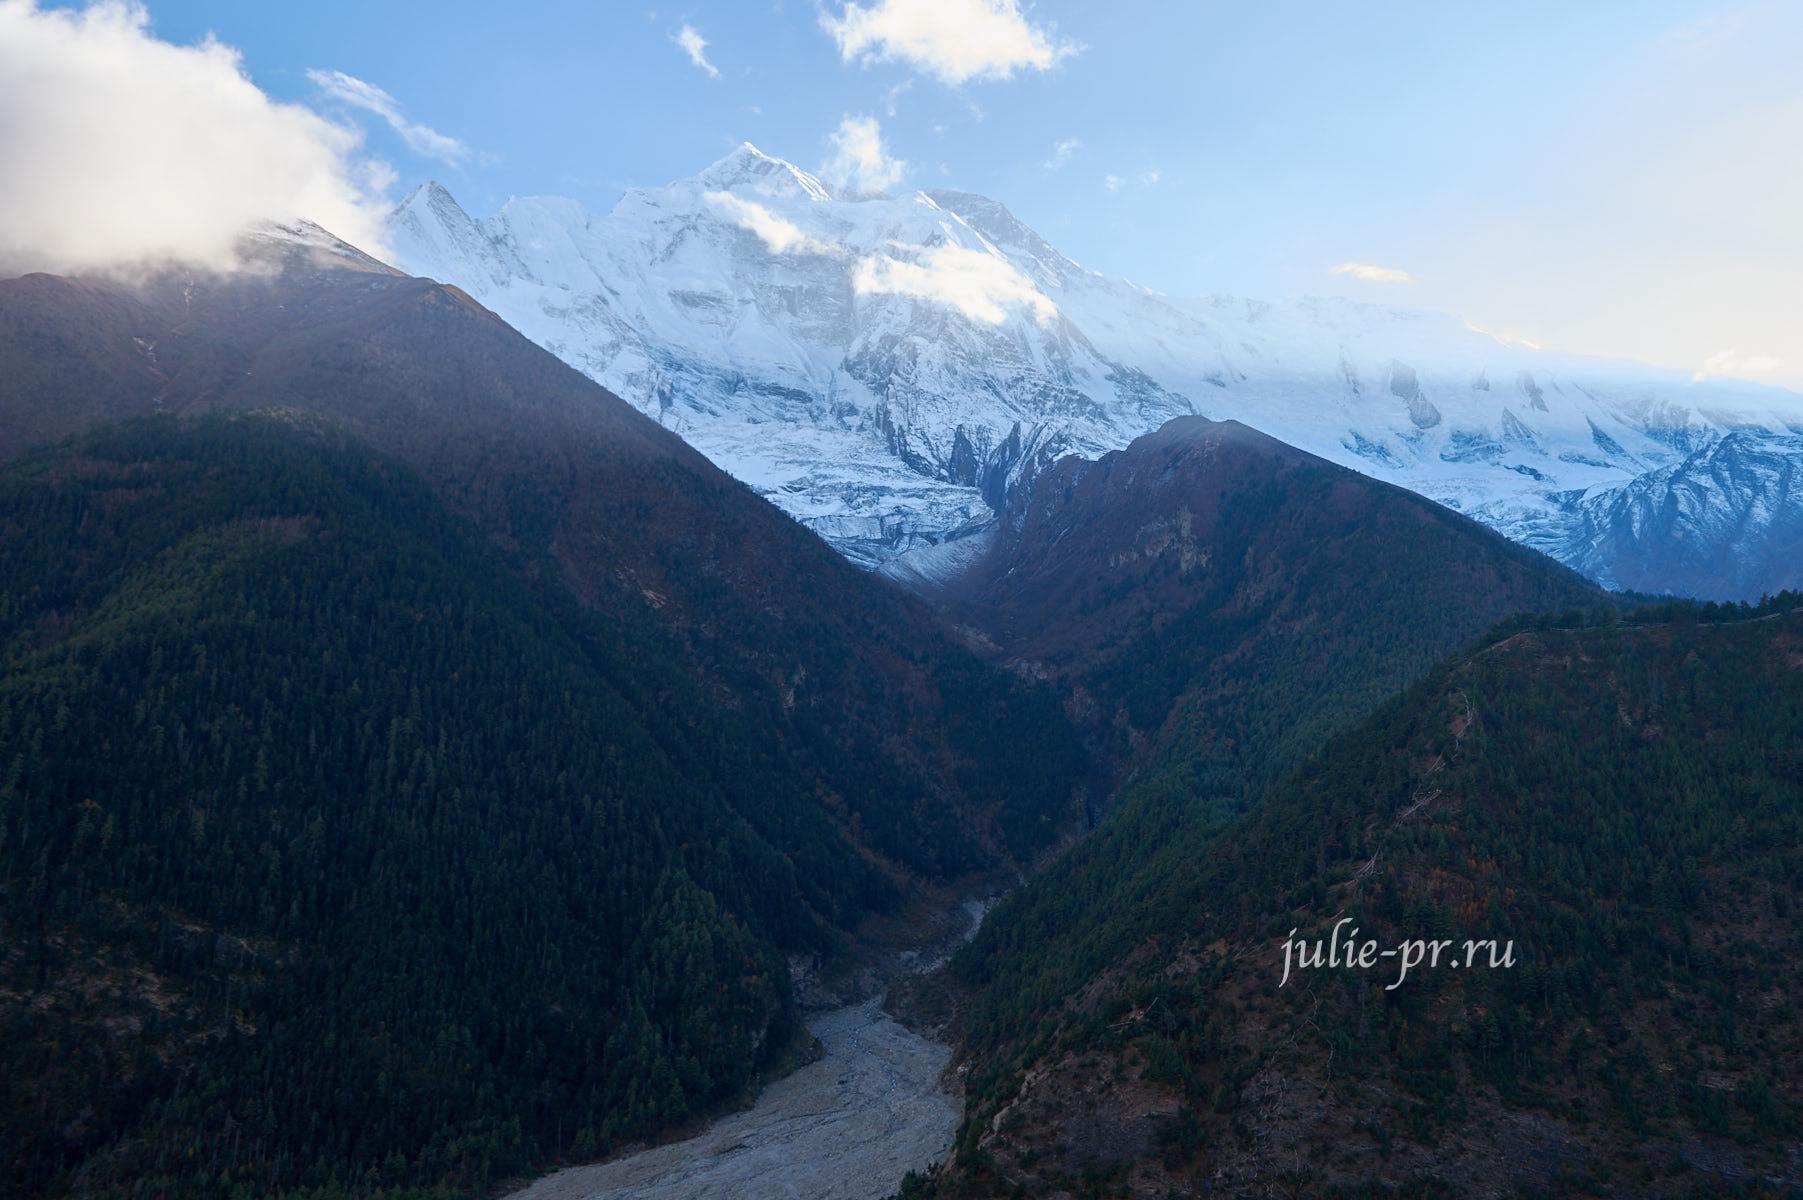 Непал, Трек вокруг Аннапурны, Аннапурна-2